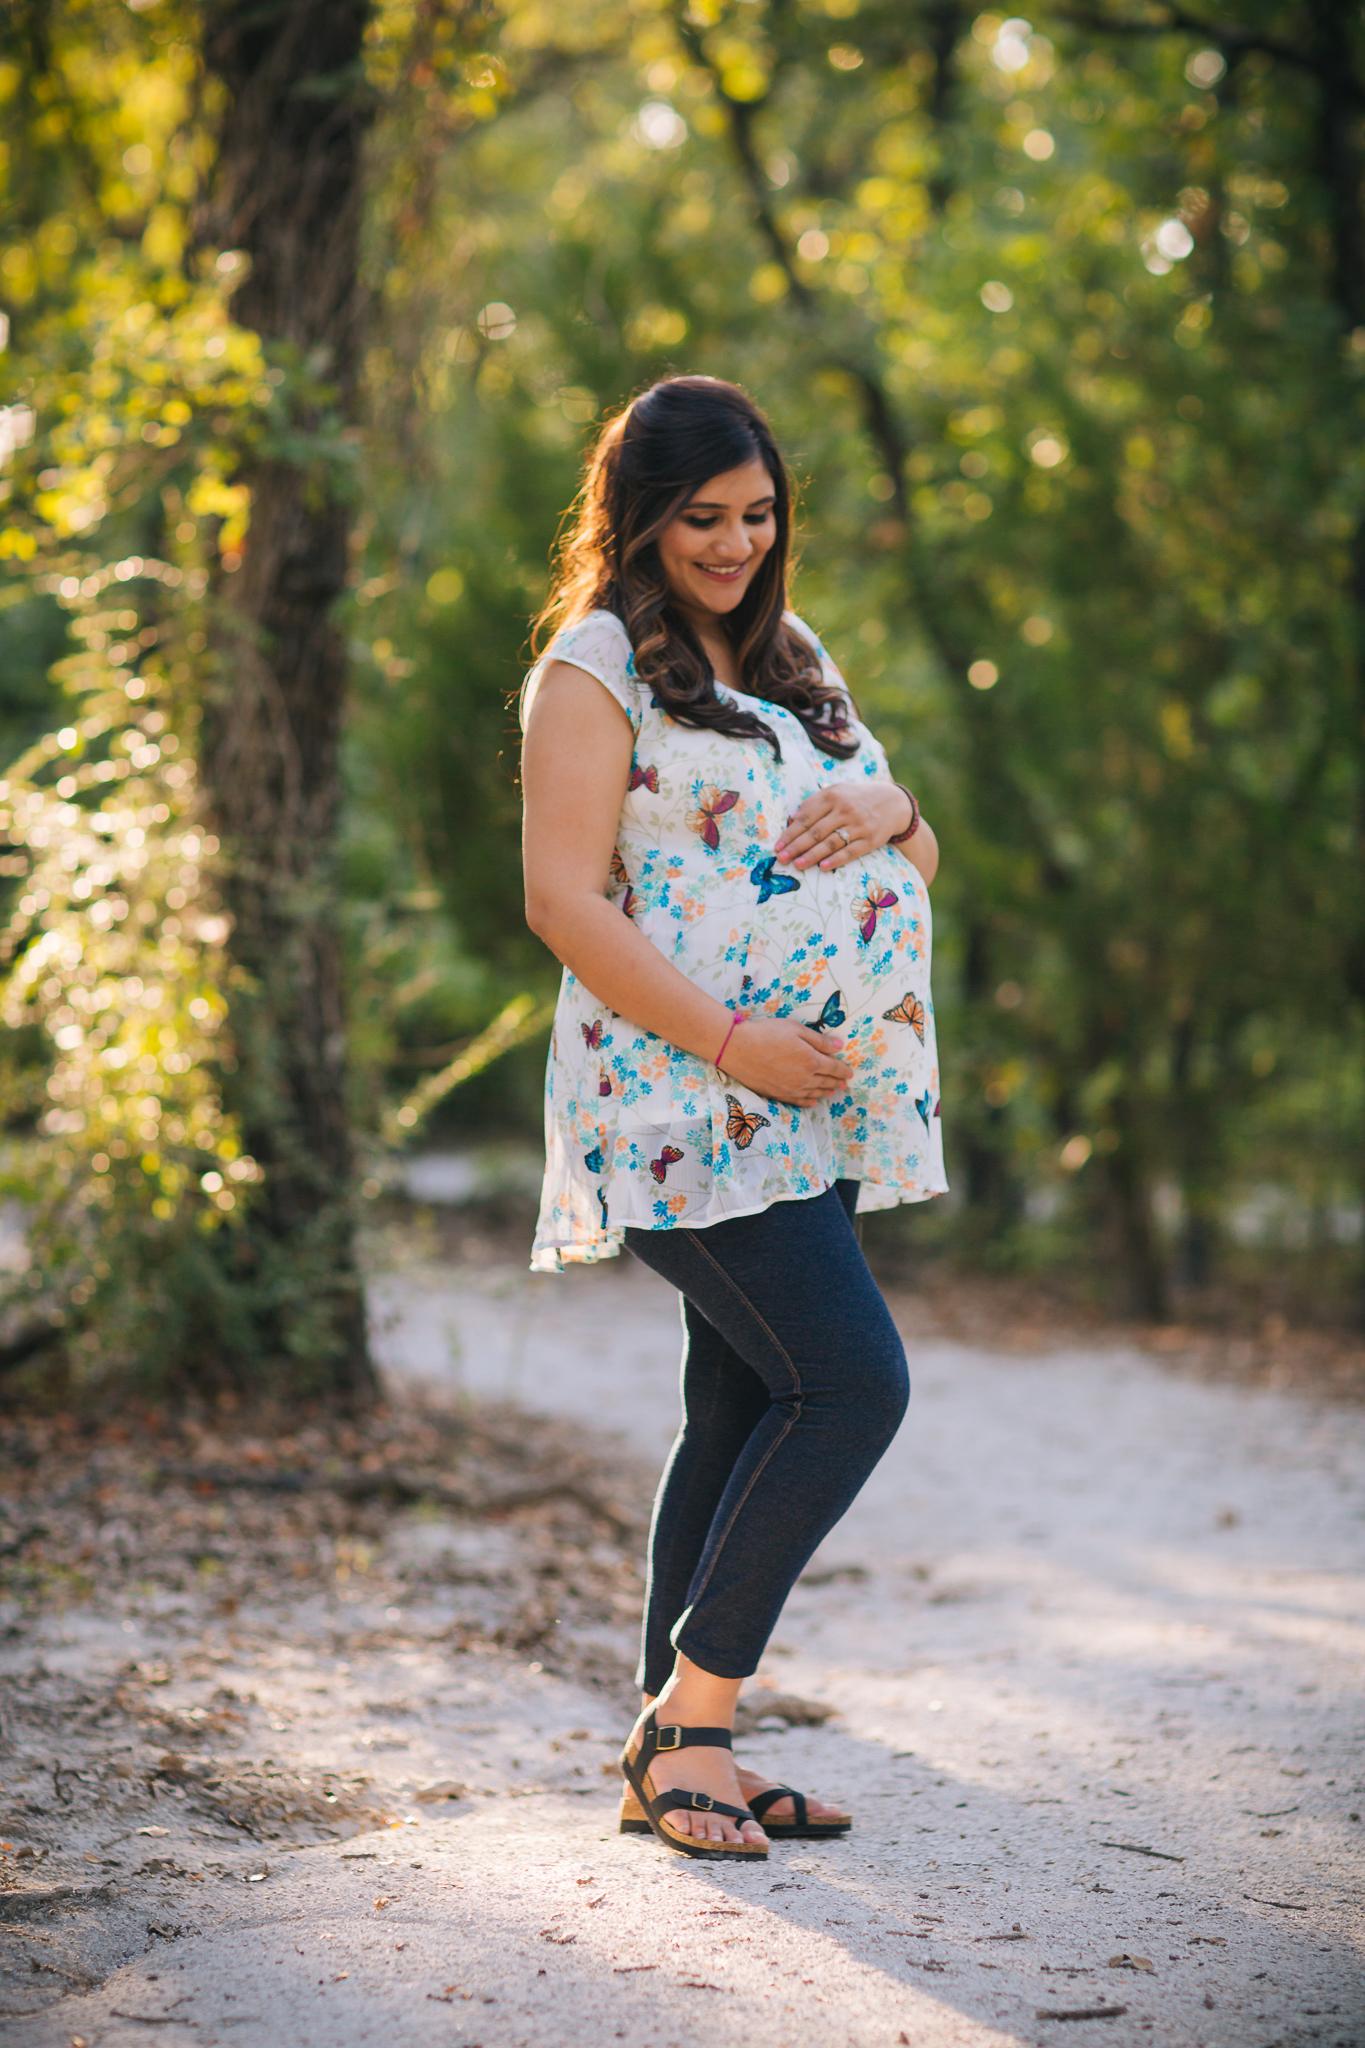 elizalde photography - maternity session - maternity photography - denton photographer -.jpg